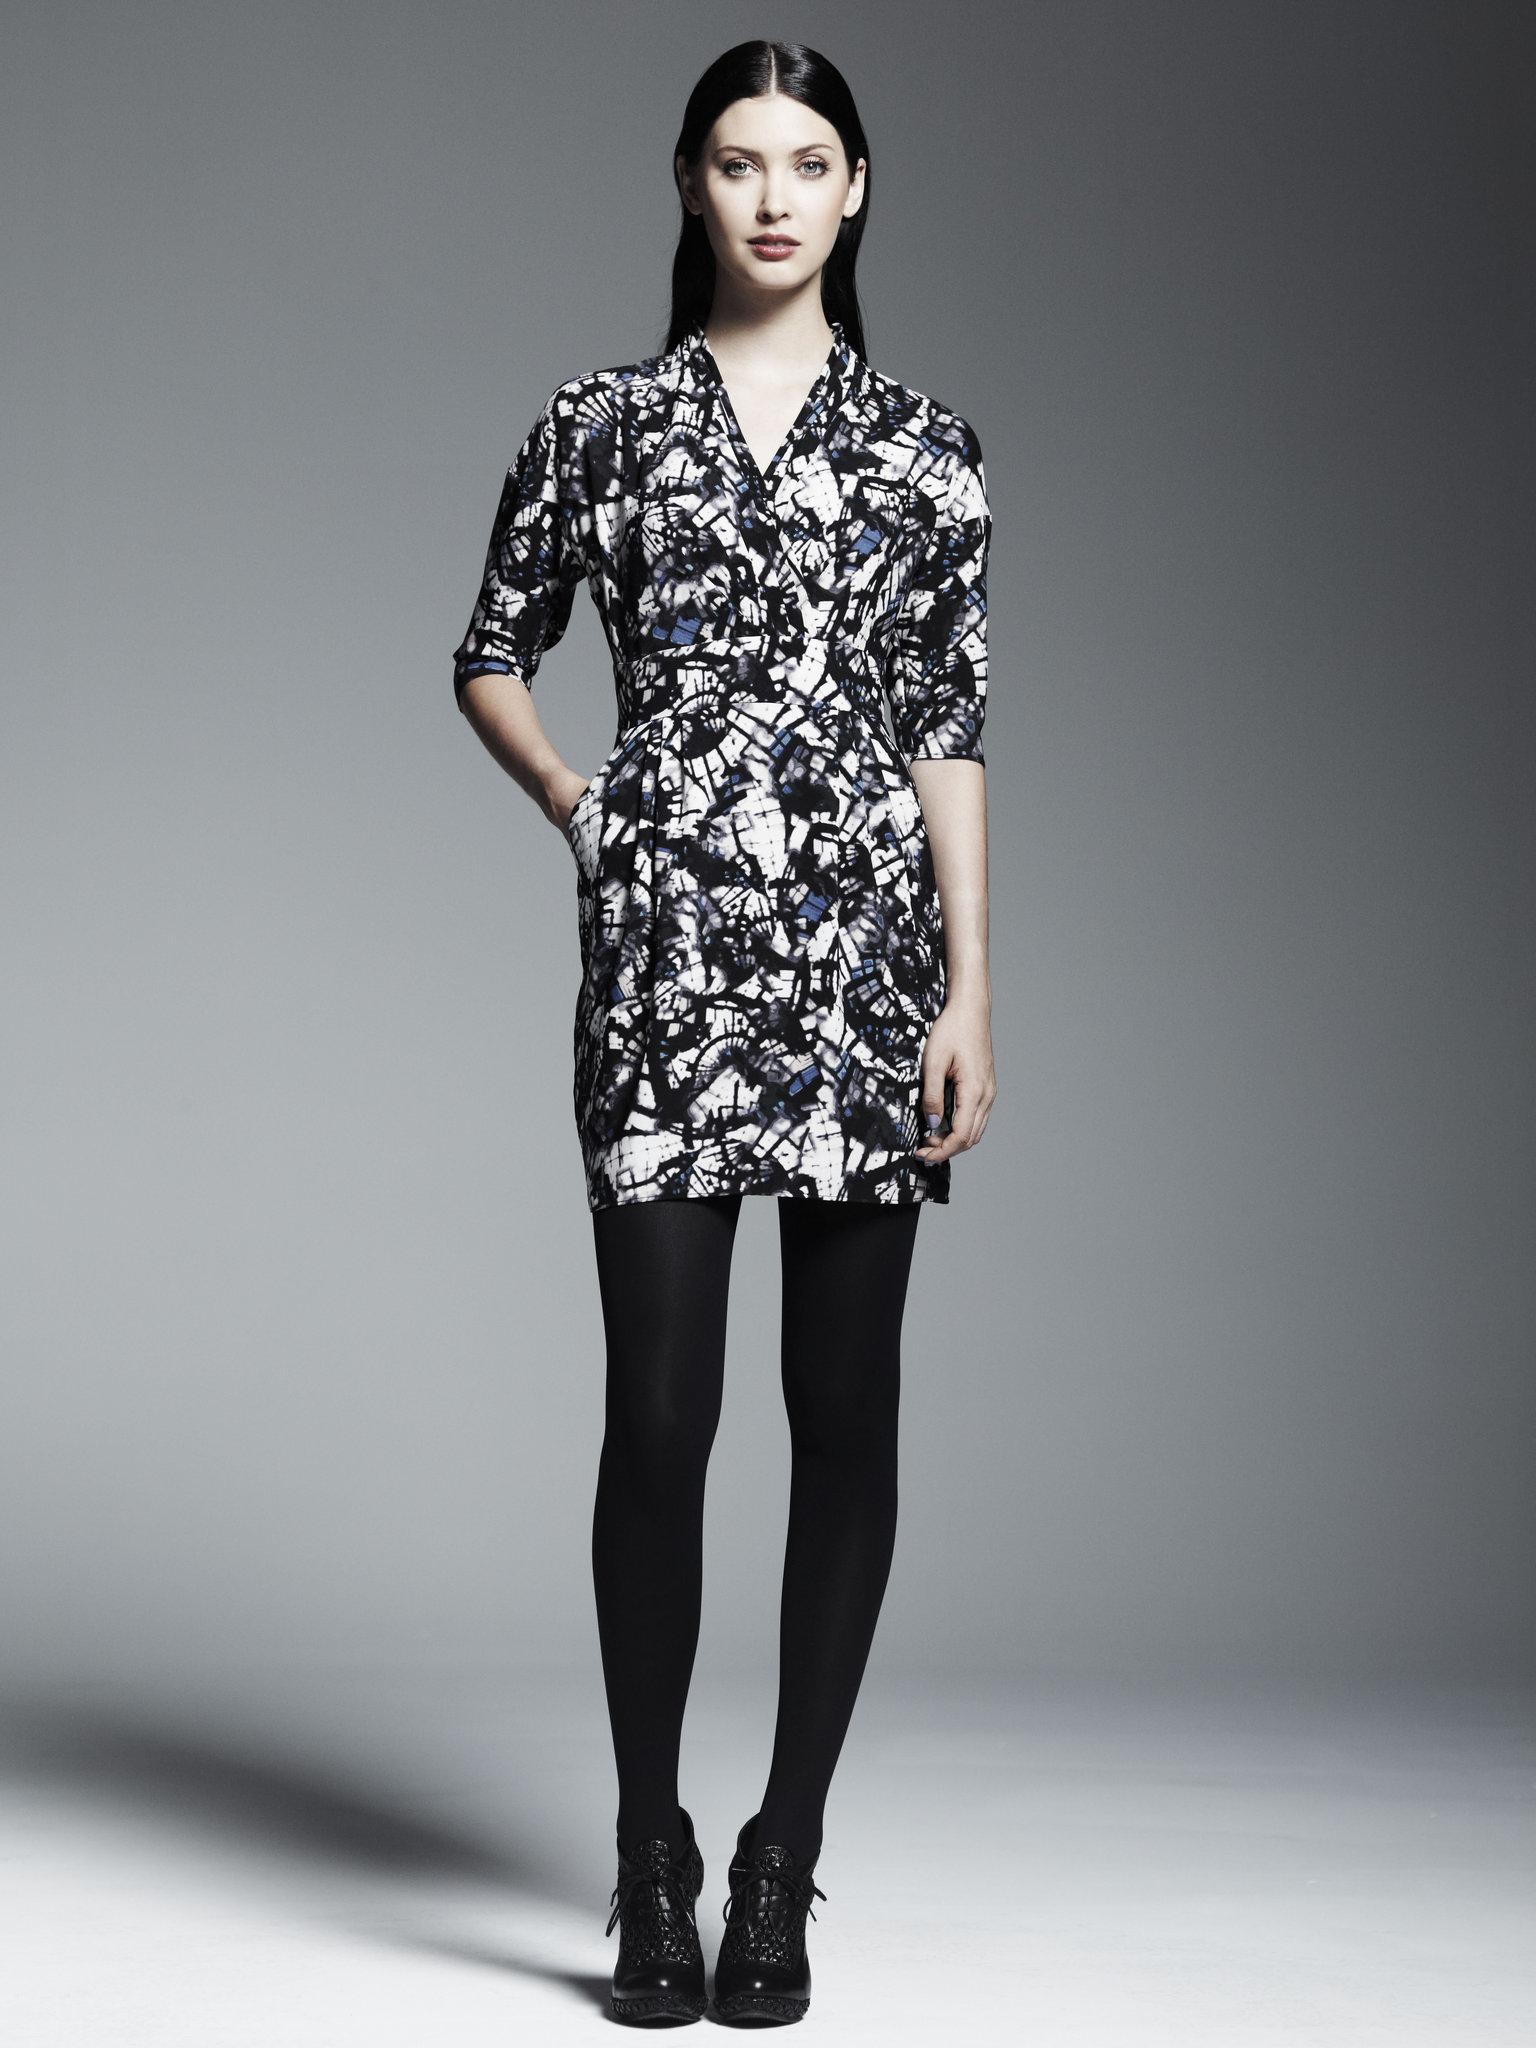 Kohl's Black Wrap Dress